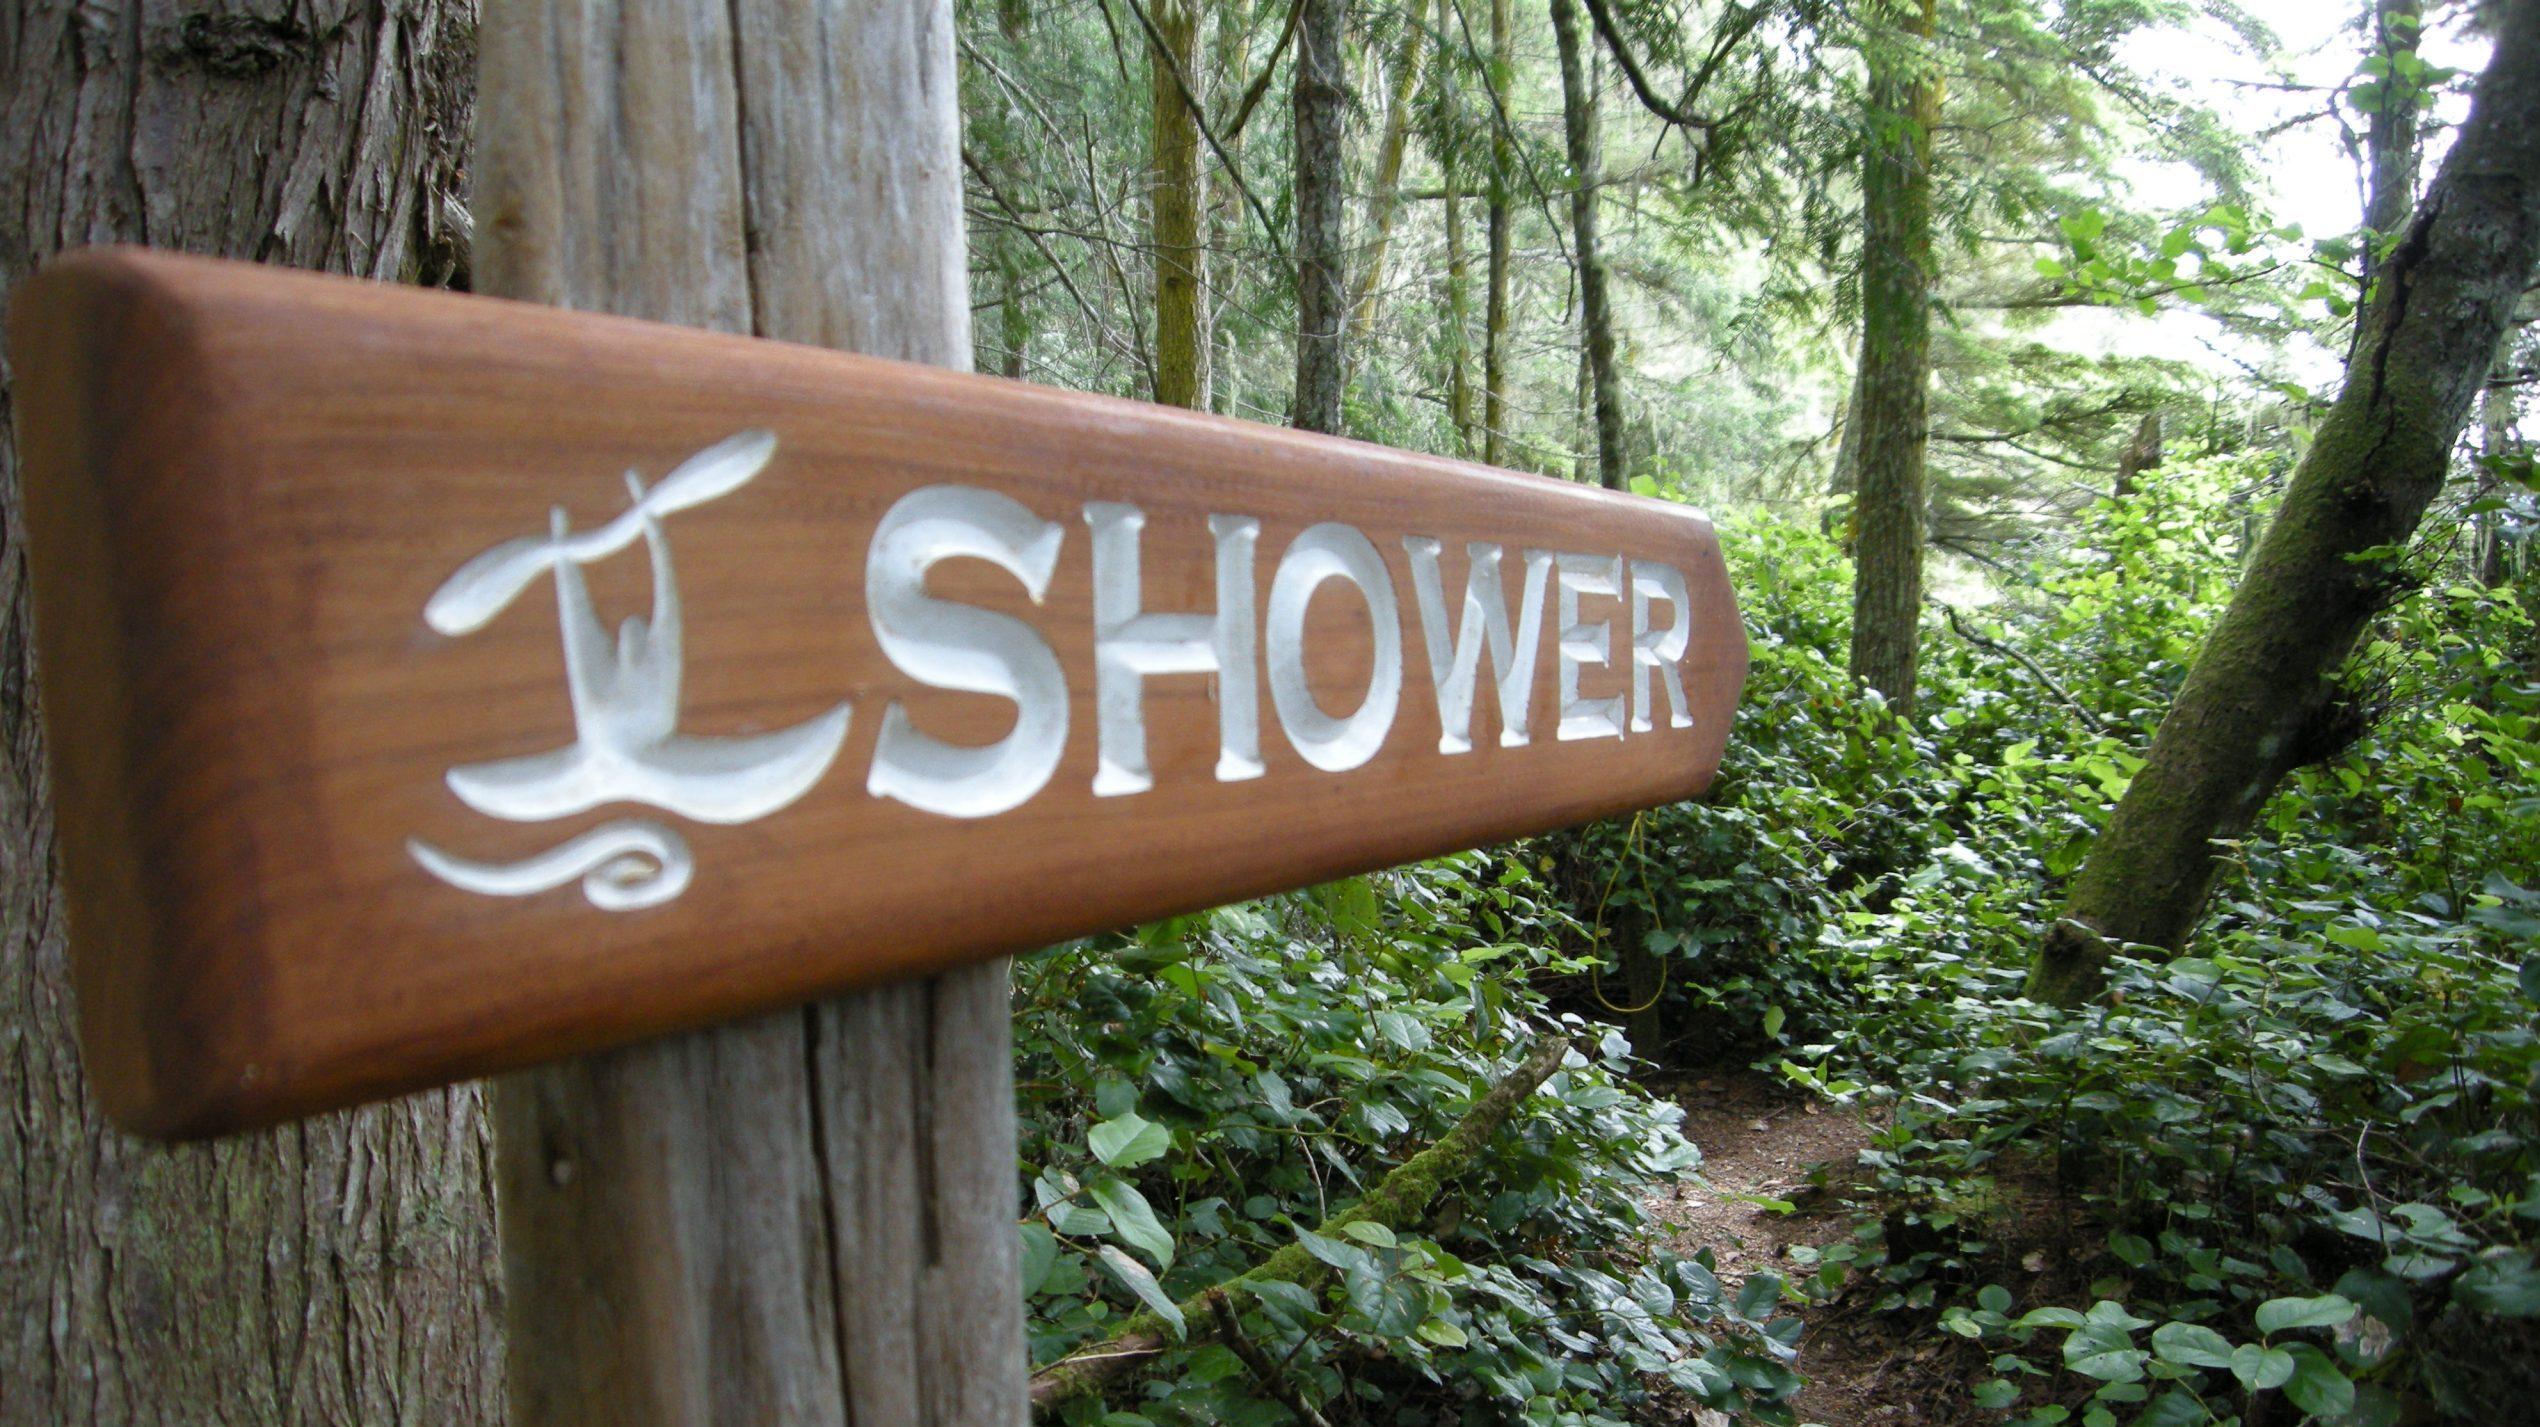 Camp shower sign